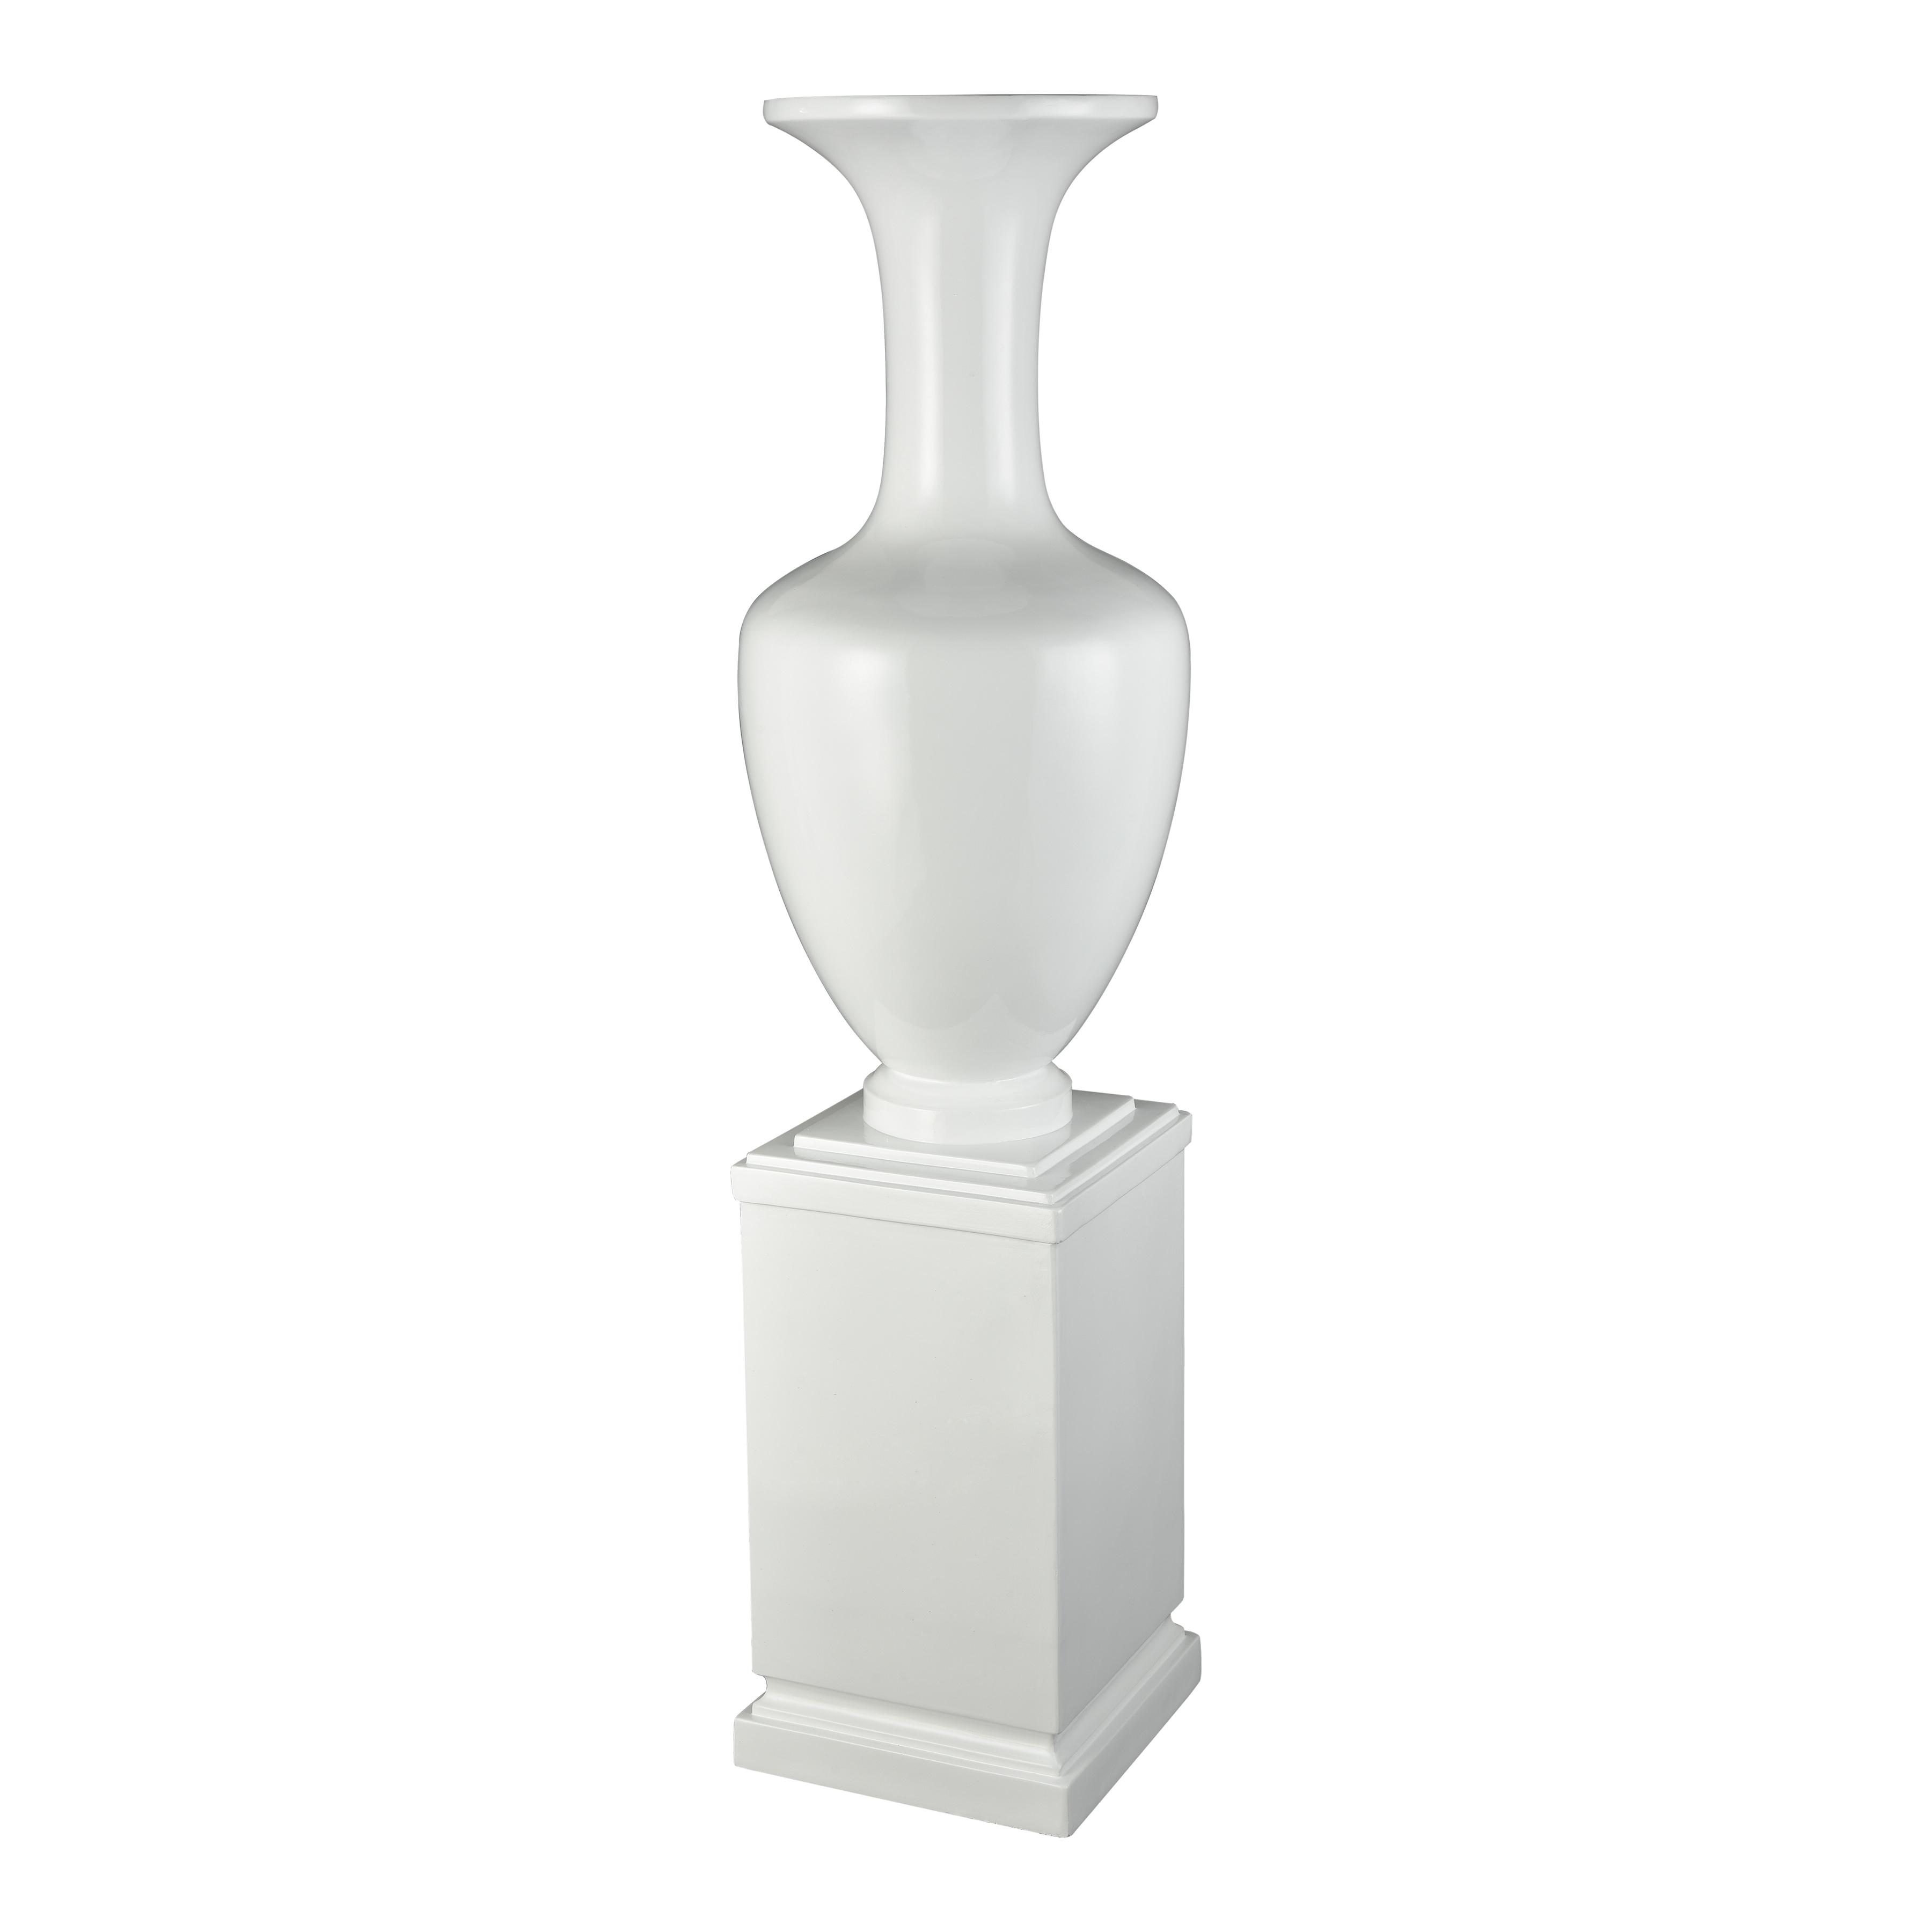 Trieste Vase | Elk Home